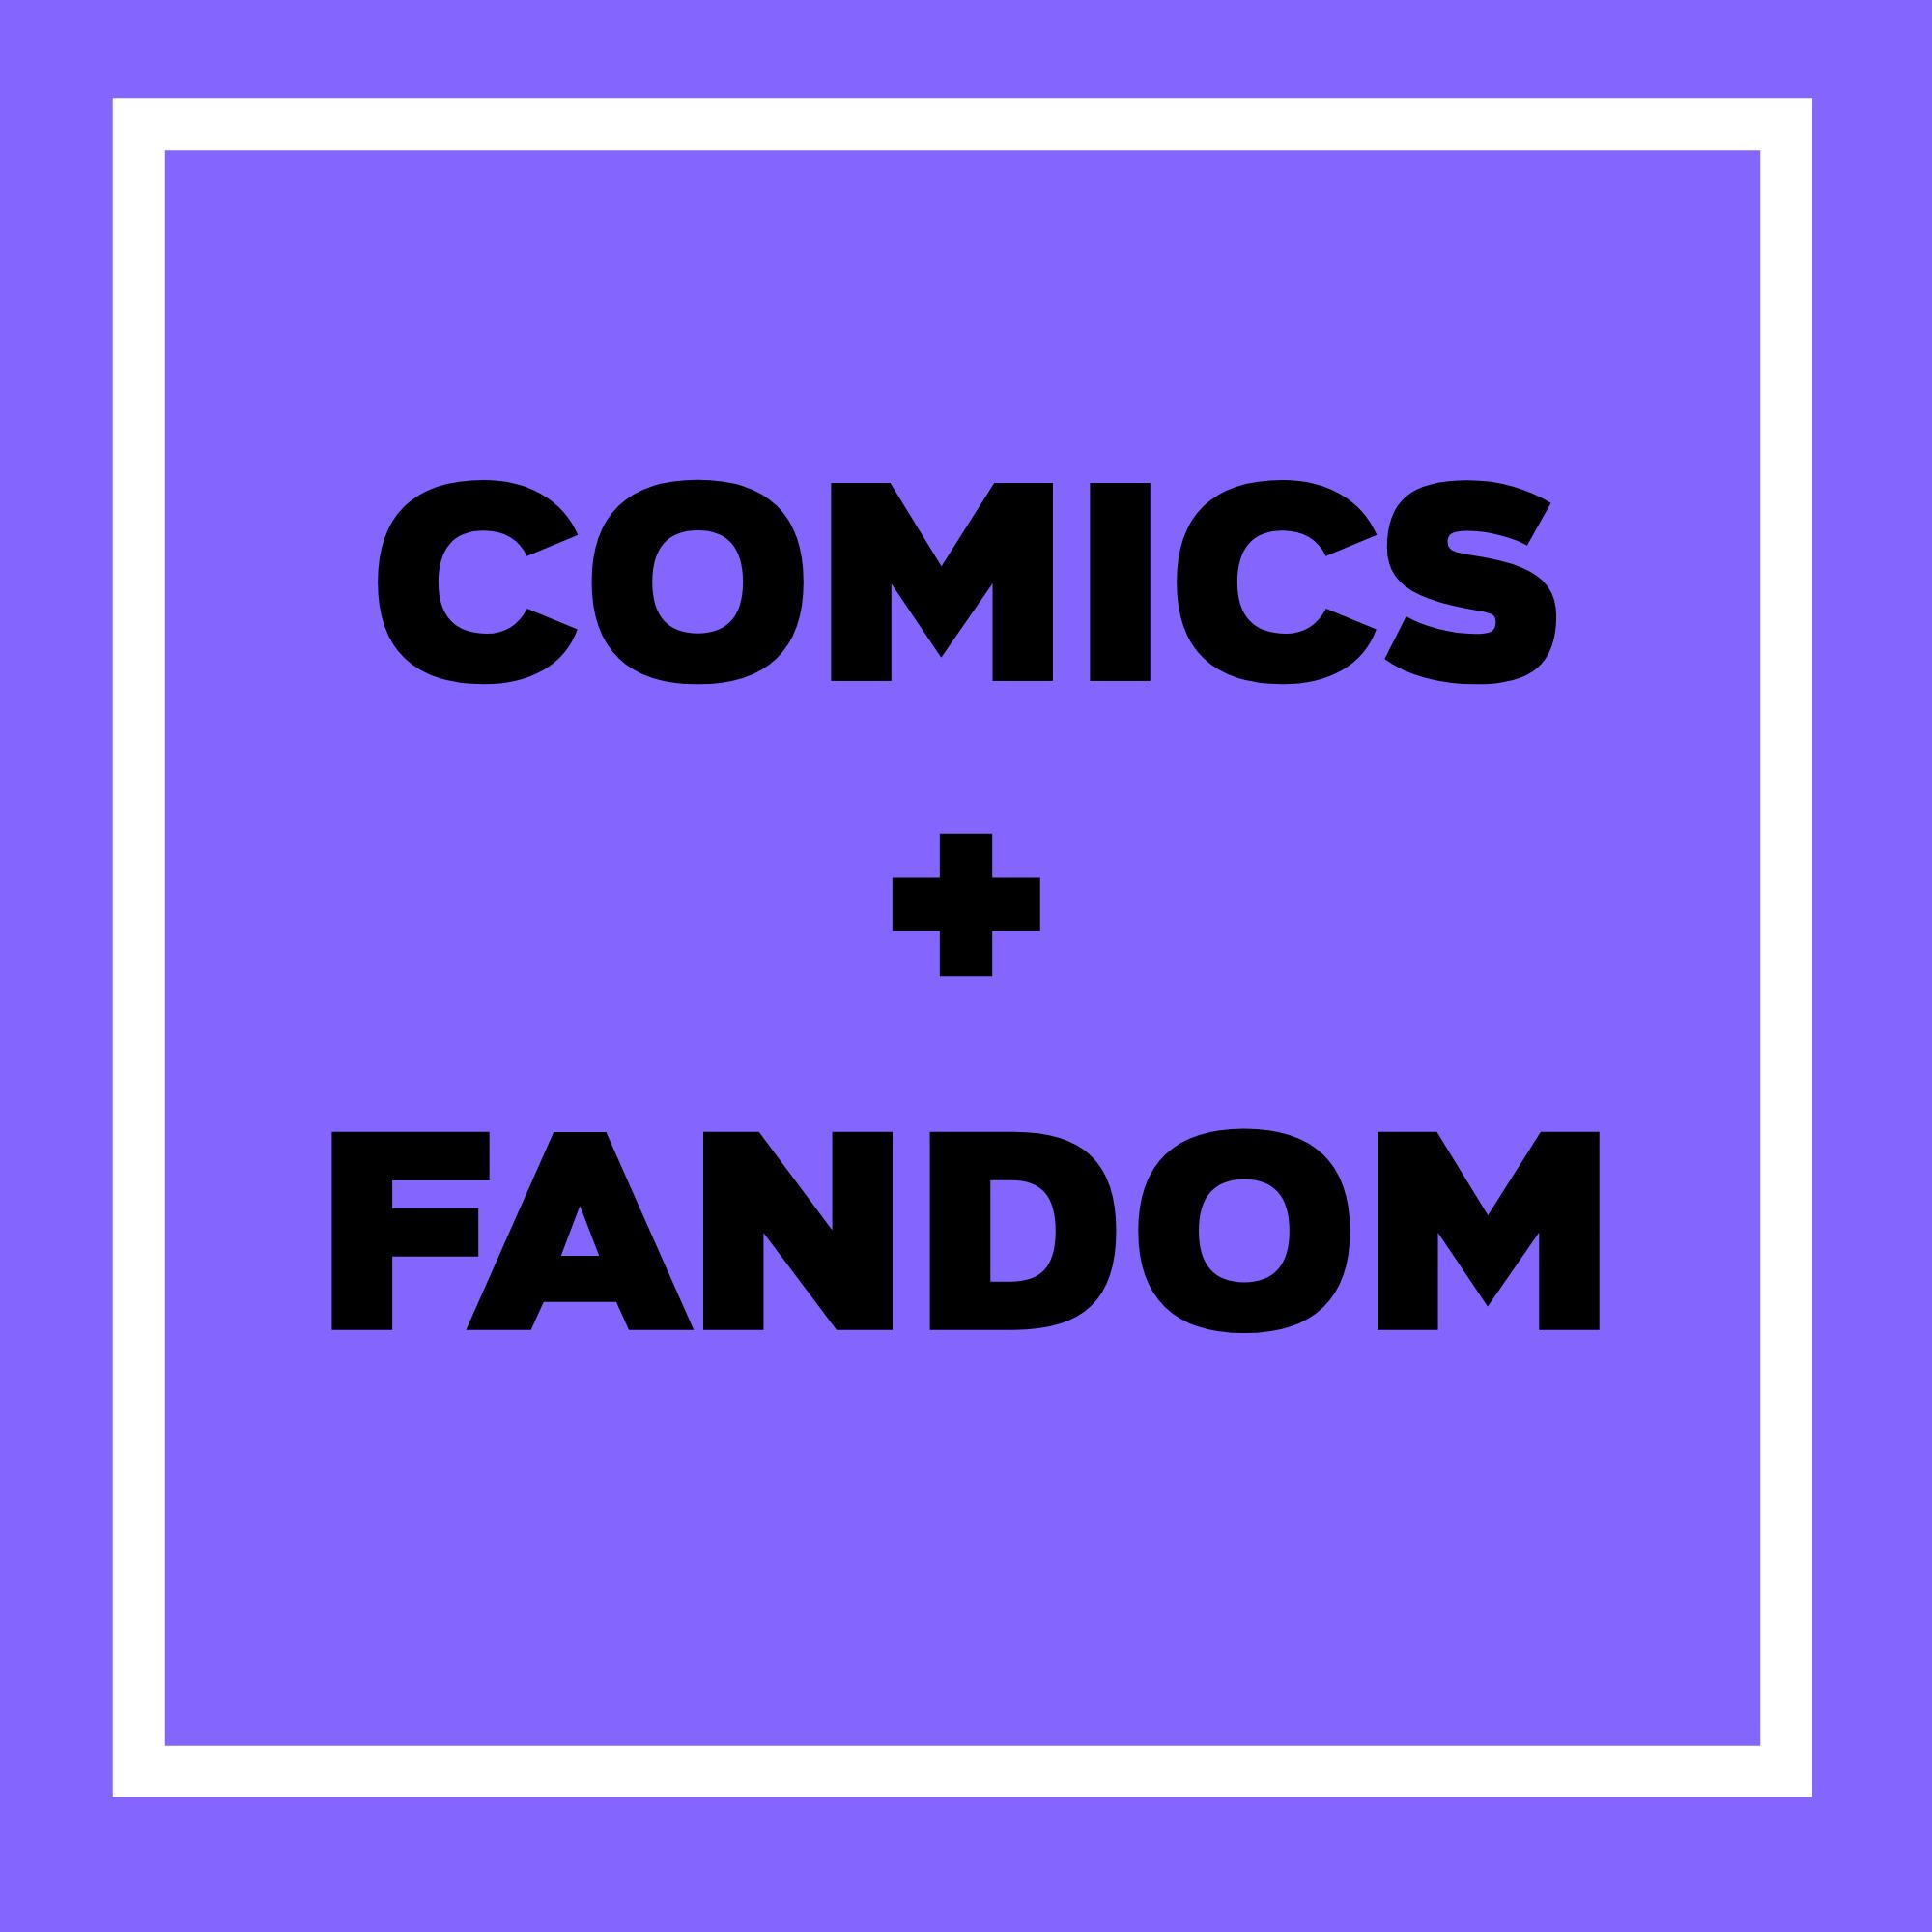 qc-comics.jpg